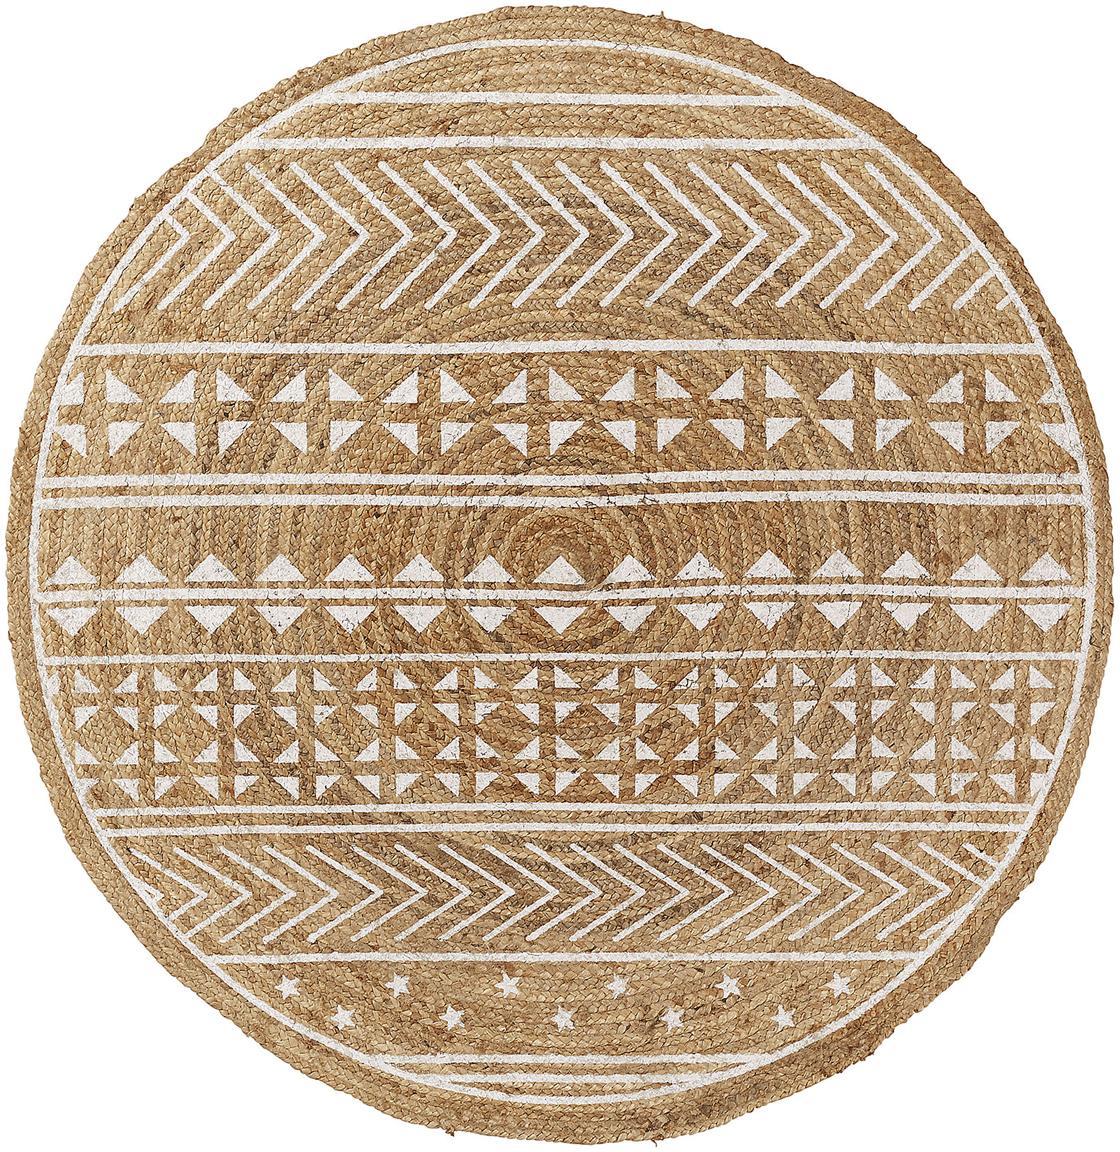 Runder Teppich Cecile mit weißem Ethno Print, Naturfaser, Beige, Weiß, Ø 100 cm (Größe XS)